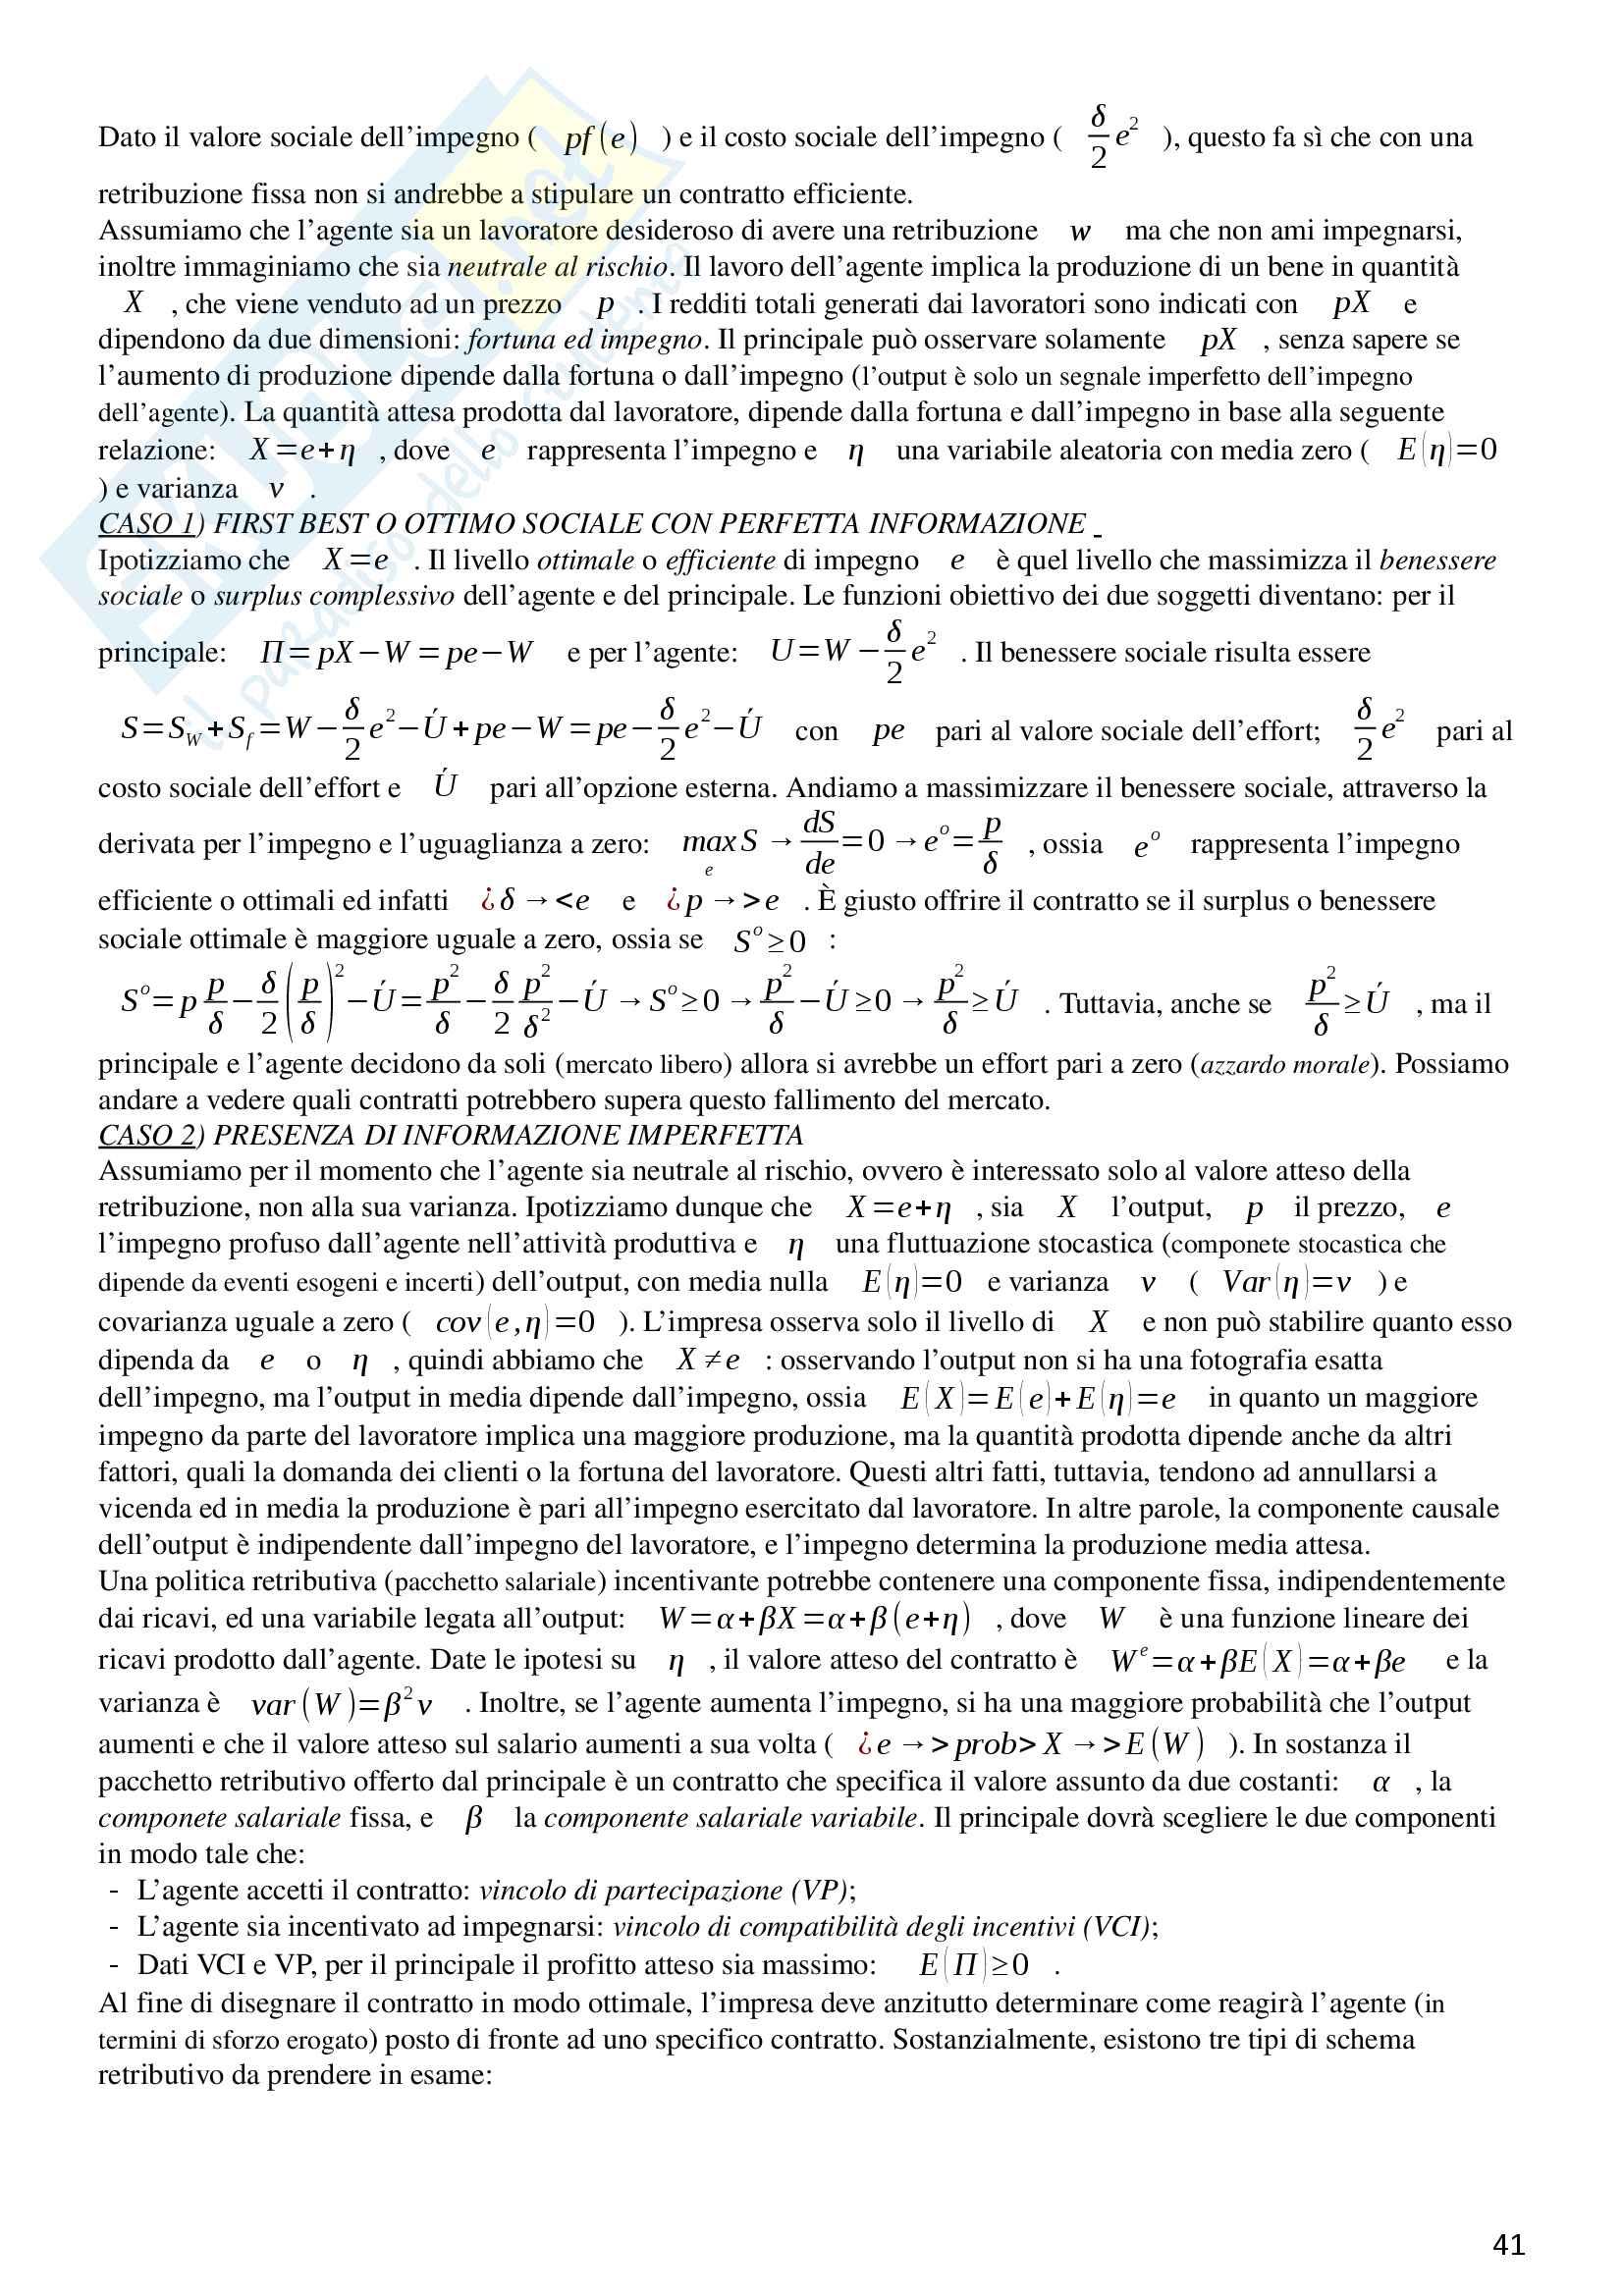 """Riassunto esame Economia e politiche delle risorse umane, prof. Cottini e Ghinetti, libro consigliato """"Economia delle risorse umane"""" di Garibaldi (2005) Pag. 41"""